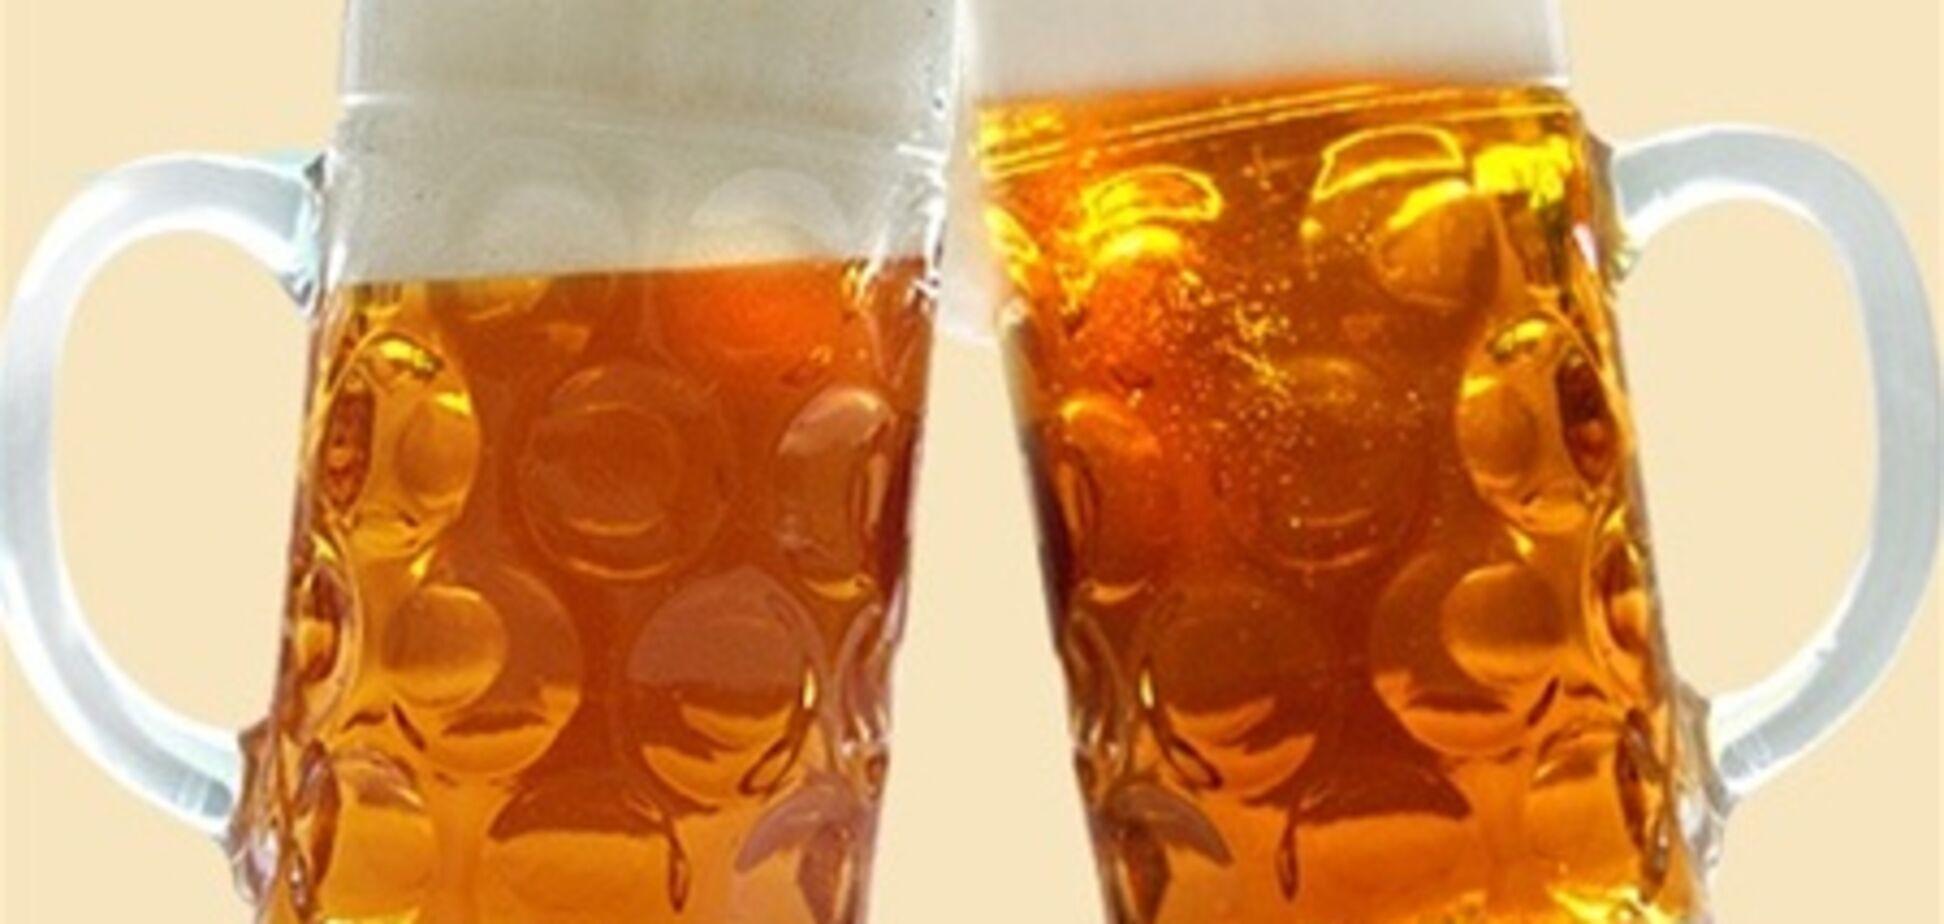 Німецький закон про пиво зажадали оголосити світовою культурною спадщиною